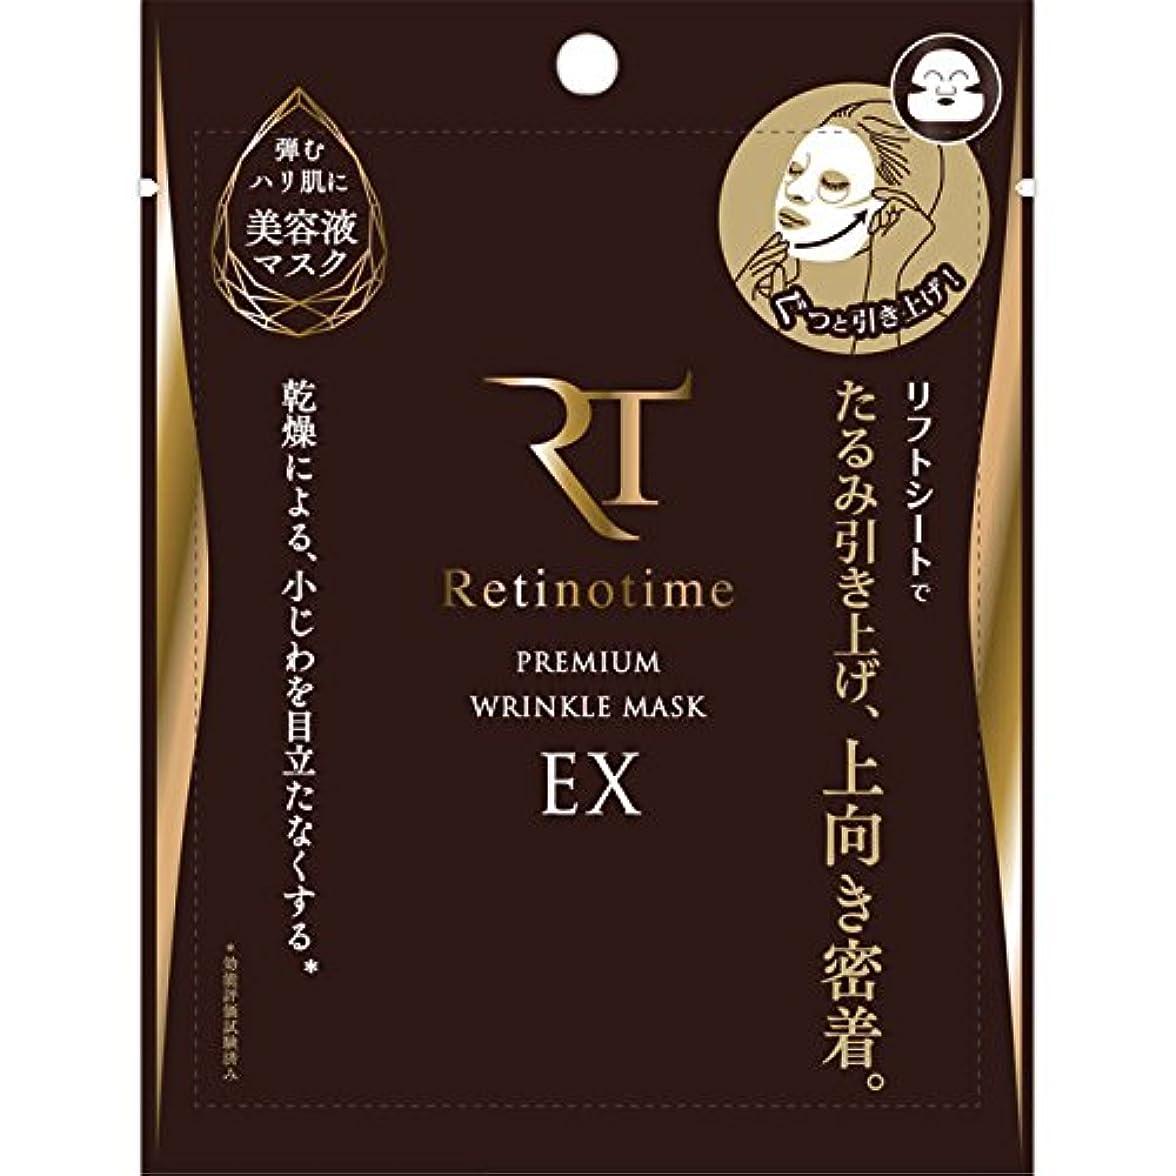 手配するマント酸度レチノタイム プレミアムリンクルマスク EX 1枚【26ml】